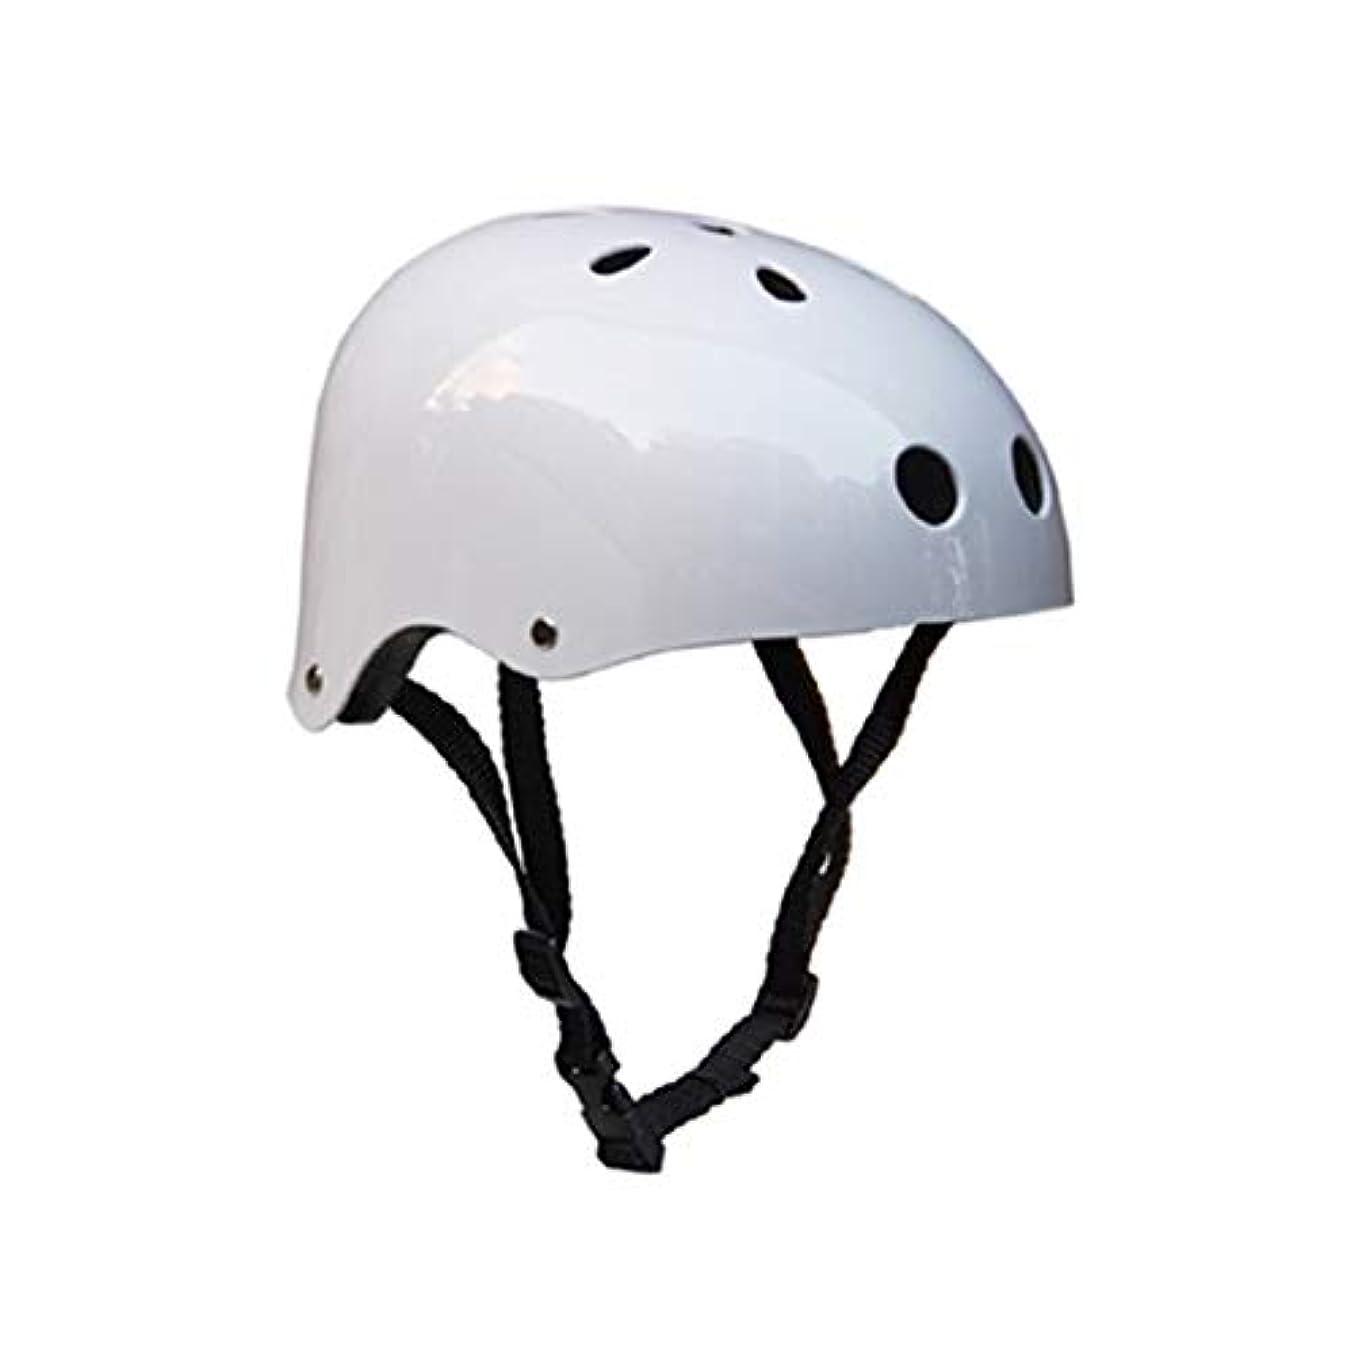 ひねり何十人も利益WTYDアウトドアツール クライミング機器安全ヘルメット洞窟レスキュー子供大人用ヘルメット開発アウトドアハイキングスキー用品適切な頭囲:54-57cm、サイズ:M 自転車の部品